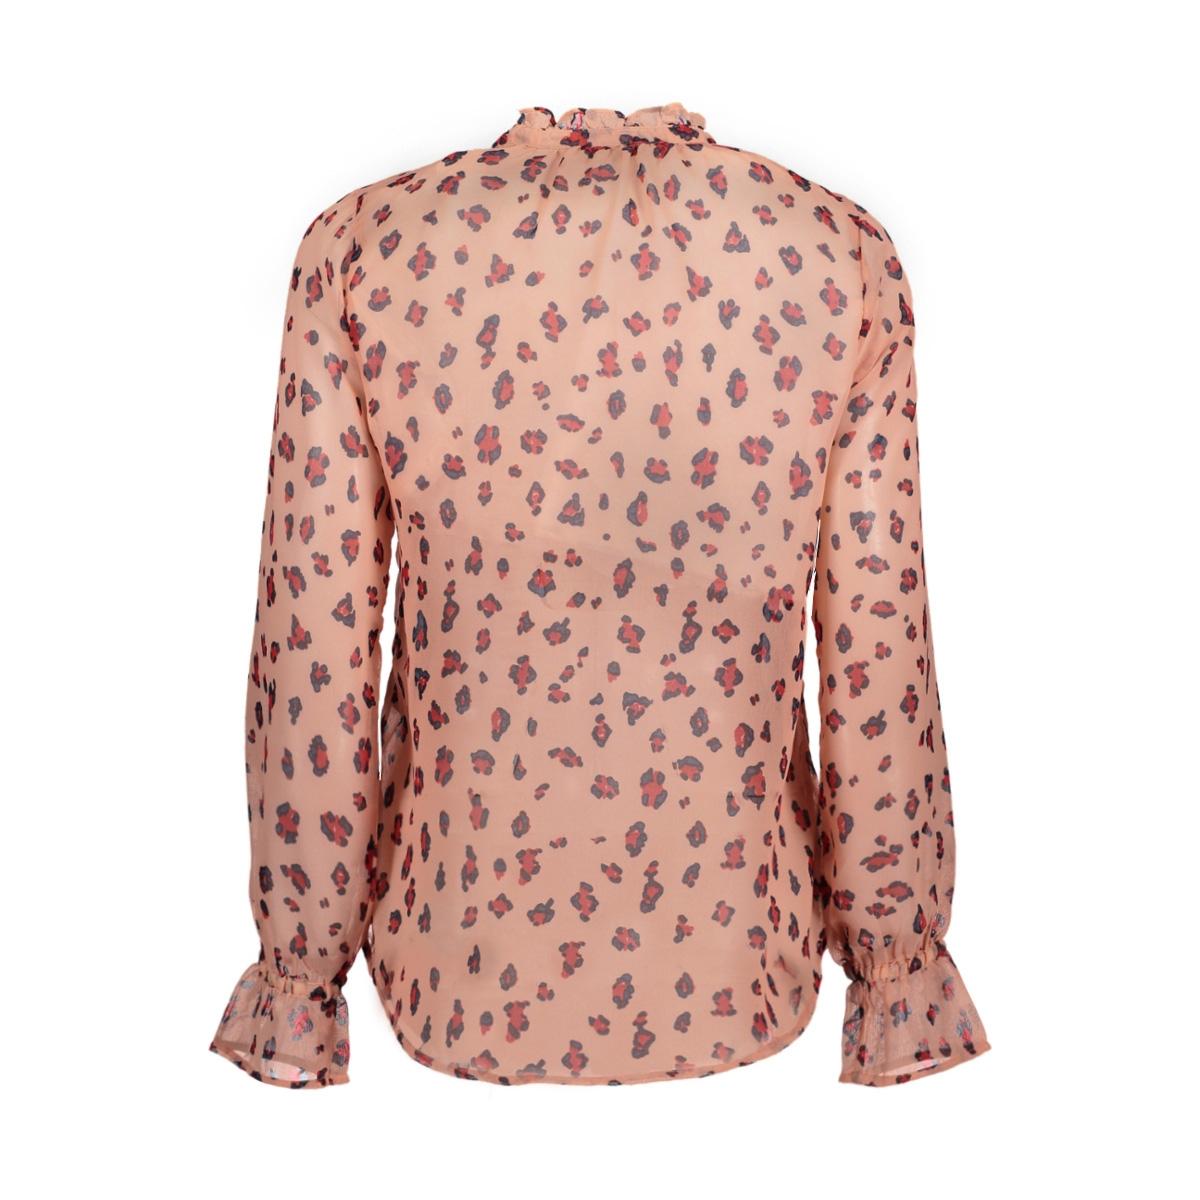 l70231 garcia blouse 2549 salmon pink